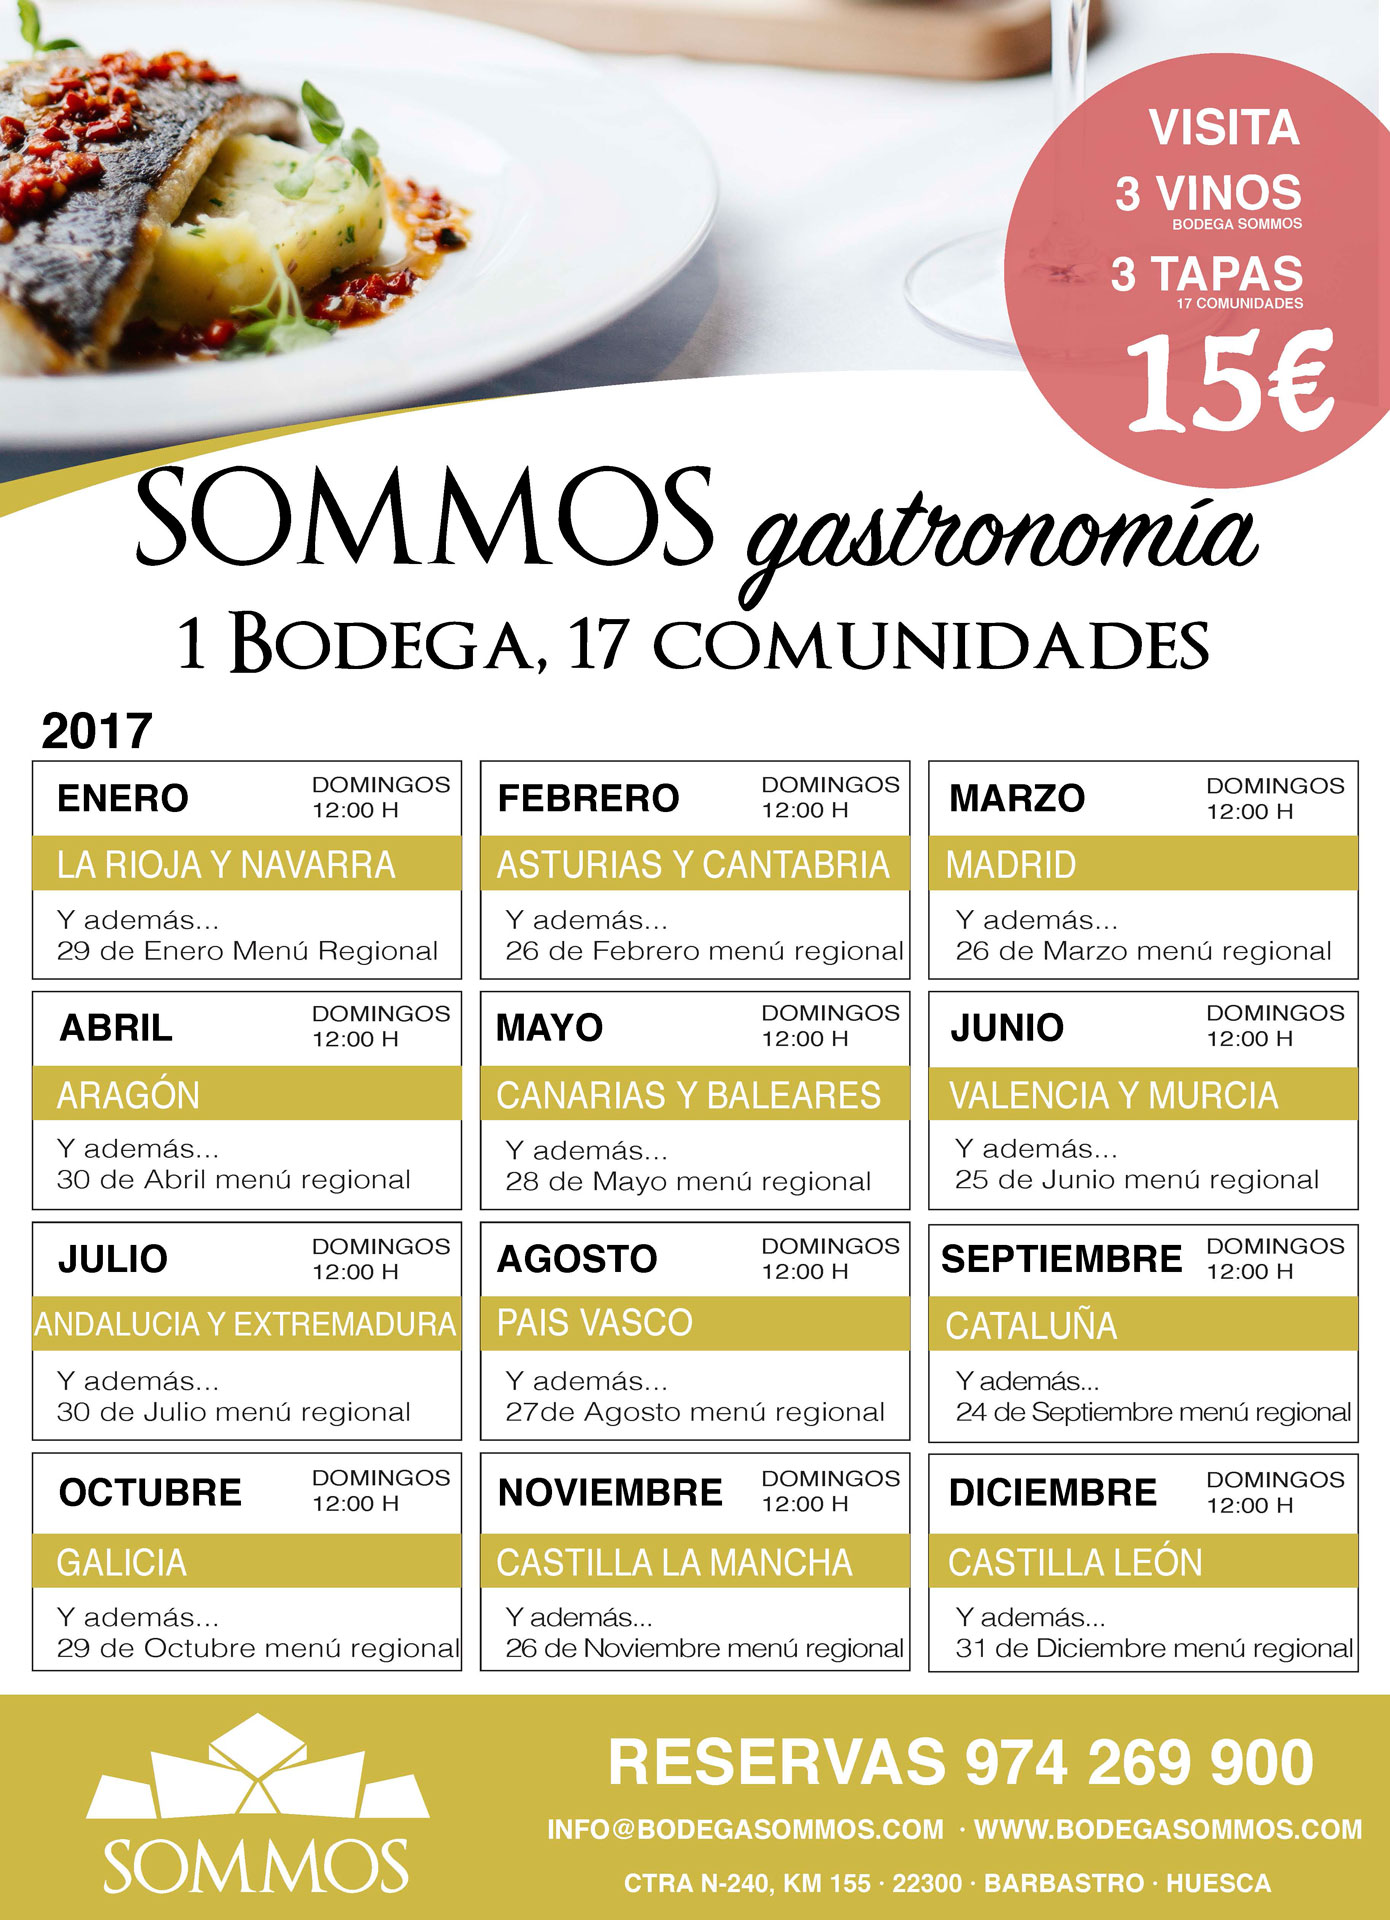 sommos-gastronomia-2